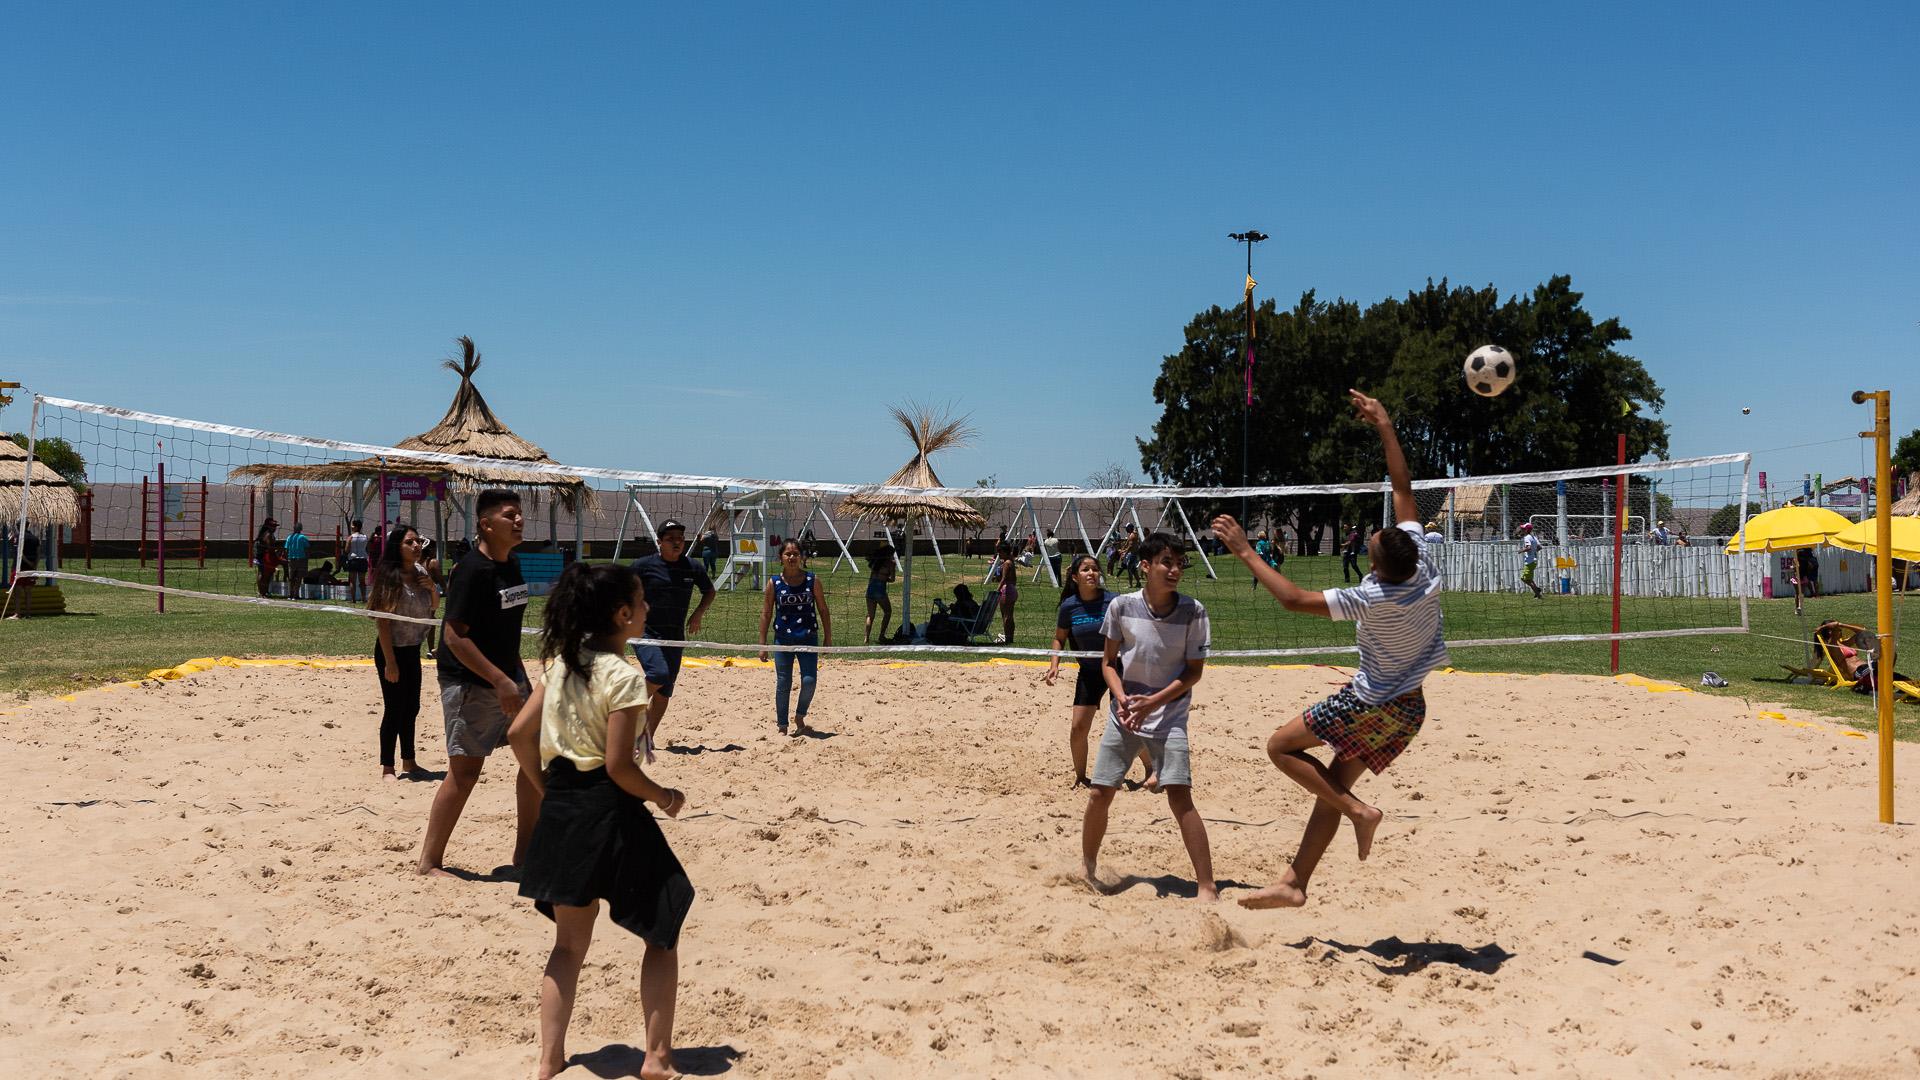 Durante toda la jornada, los jóvenes se entretienen jugando partidos de beach voley